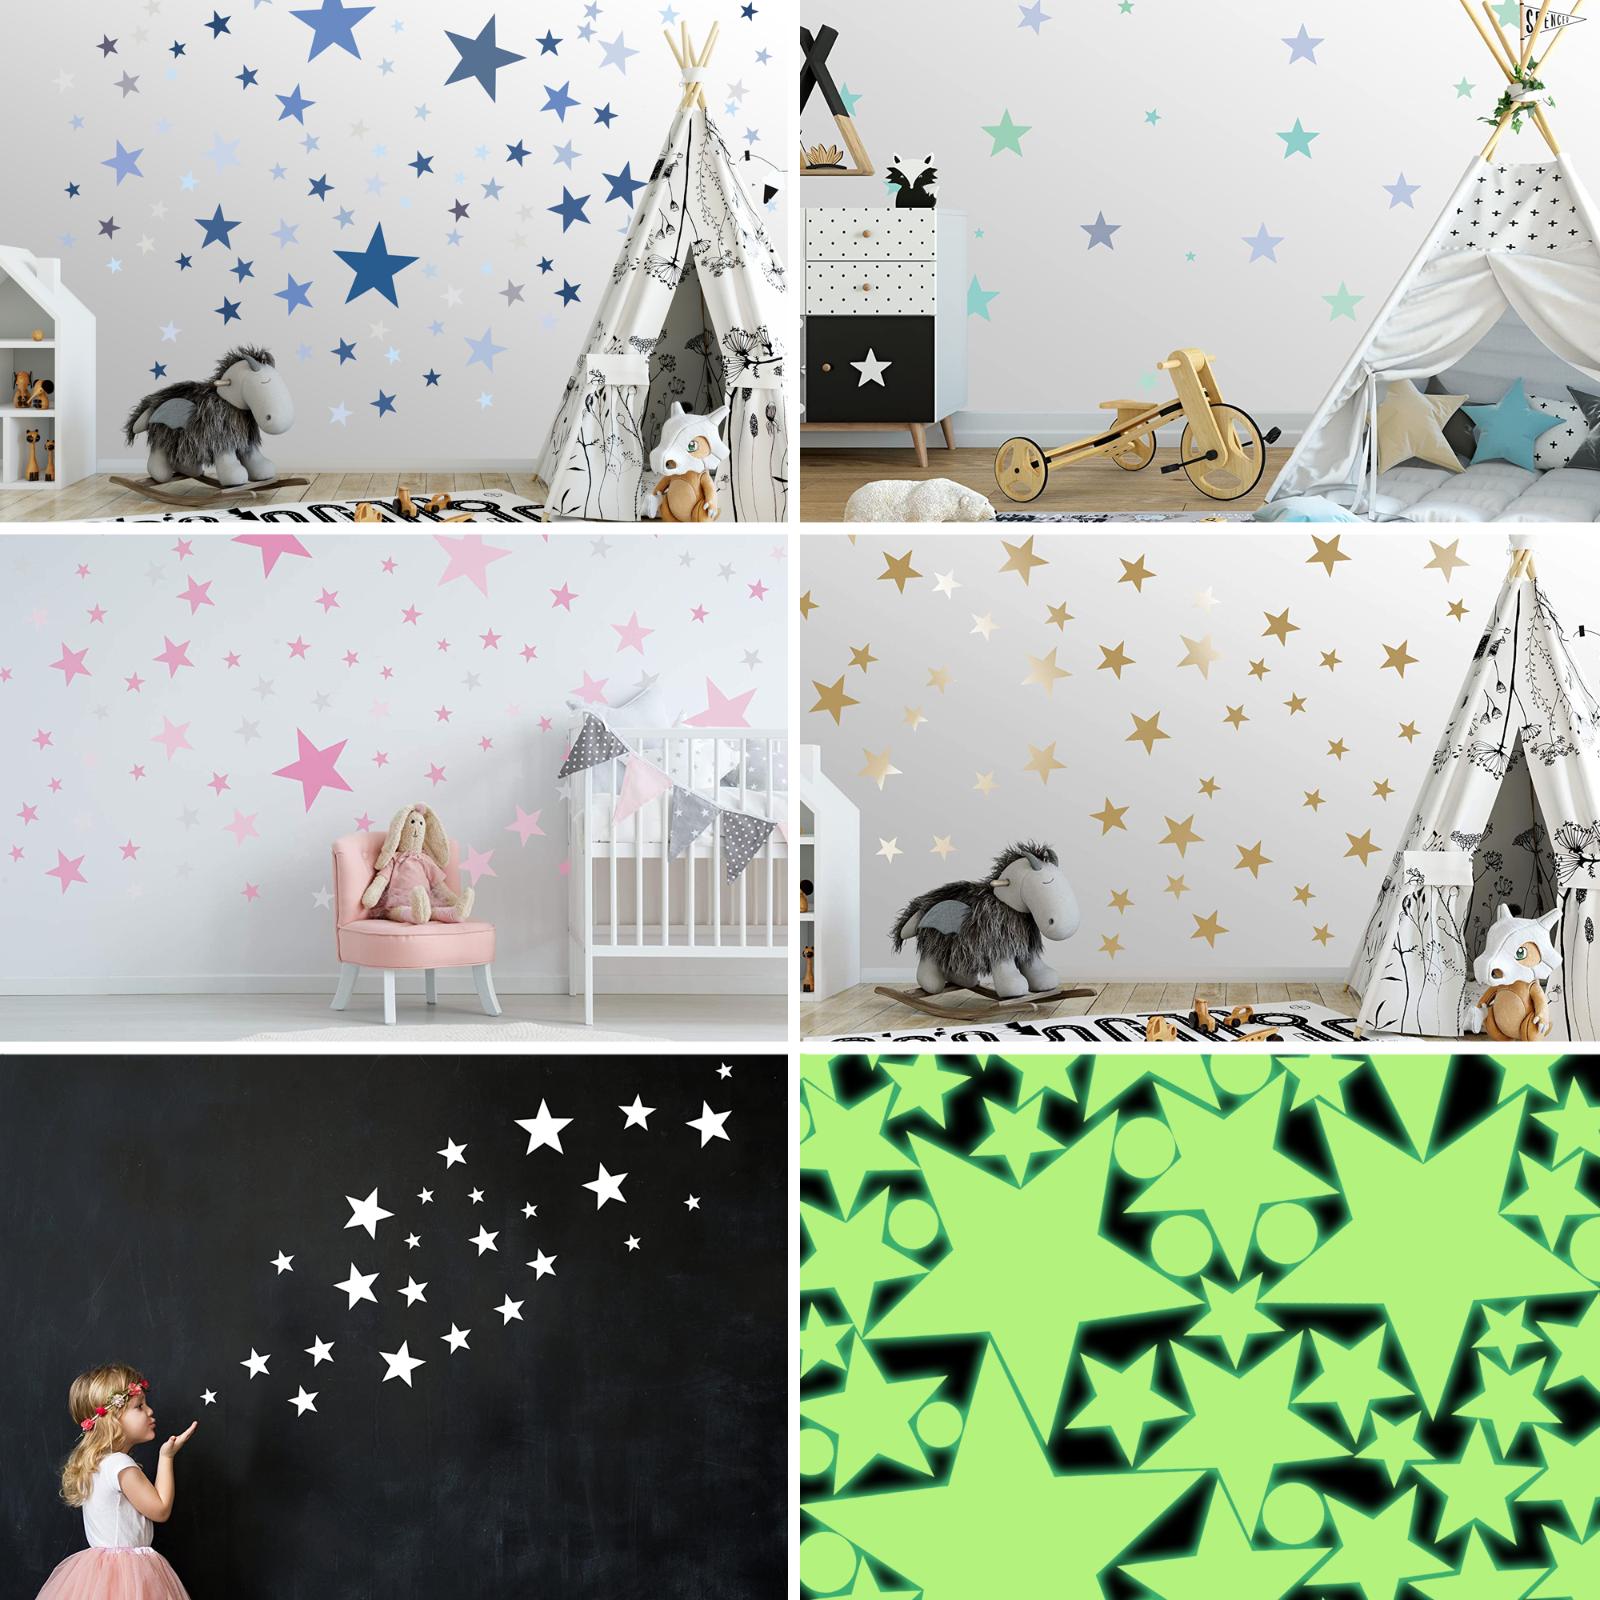 Wandtattoo Sterne für Kinderzimmer Wandsticker Wandaufkleber Wanddeko Aufkleber